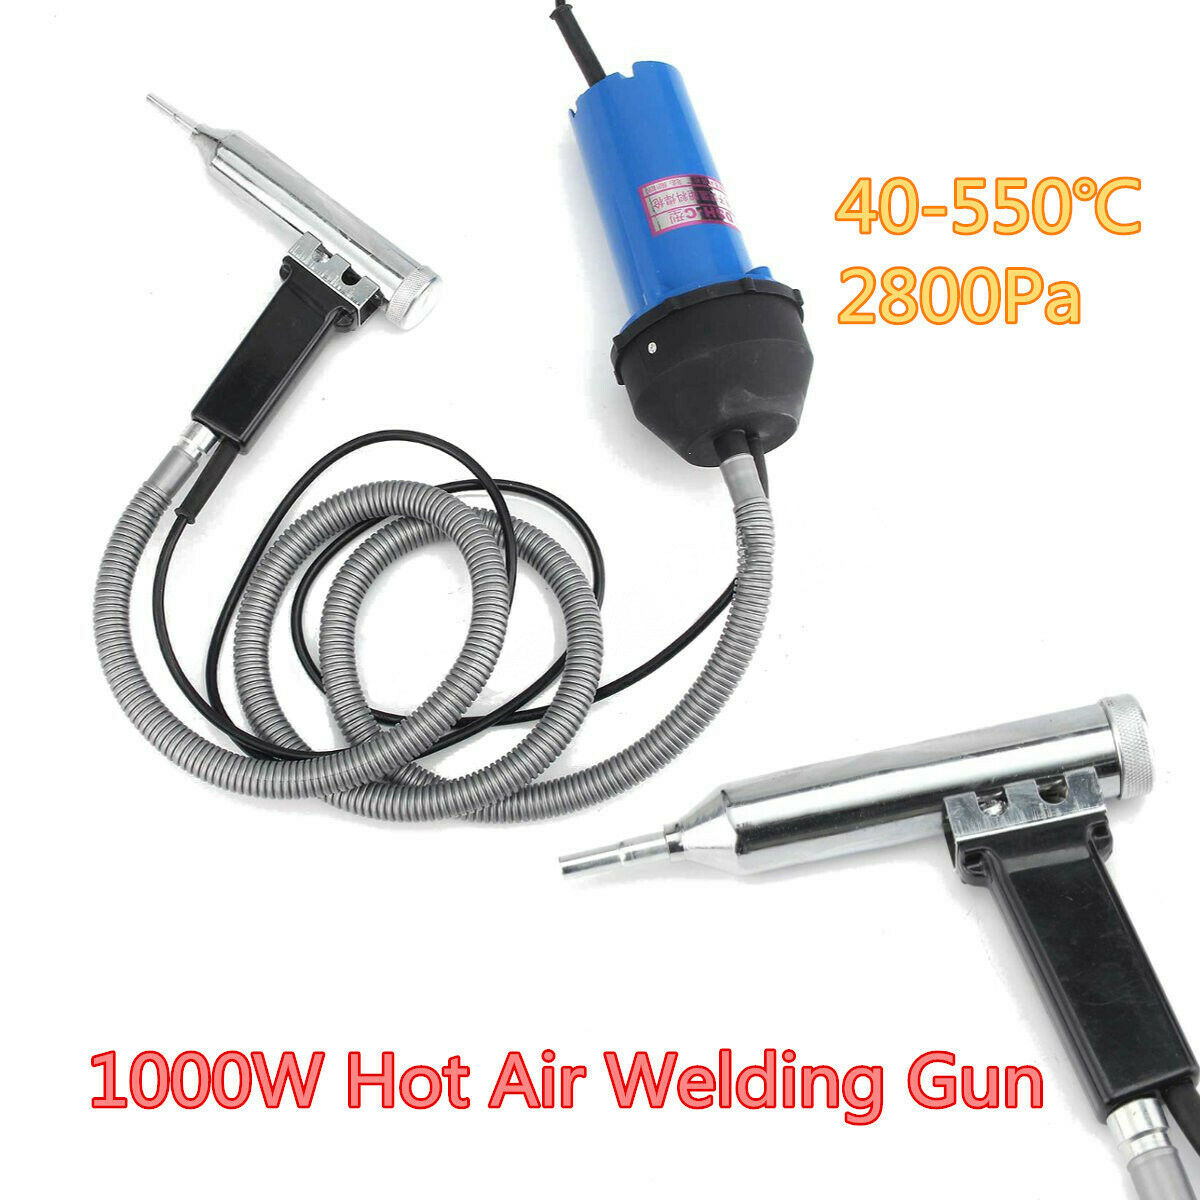 1000W Hot Air Welding Gun Pistol Plastic Welder Heat Gun Hot Gas Welder Kit